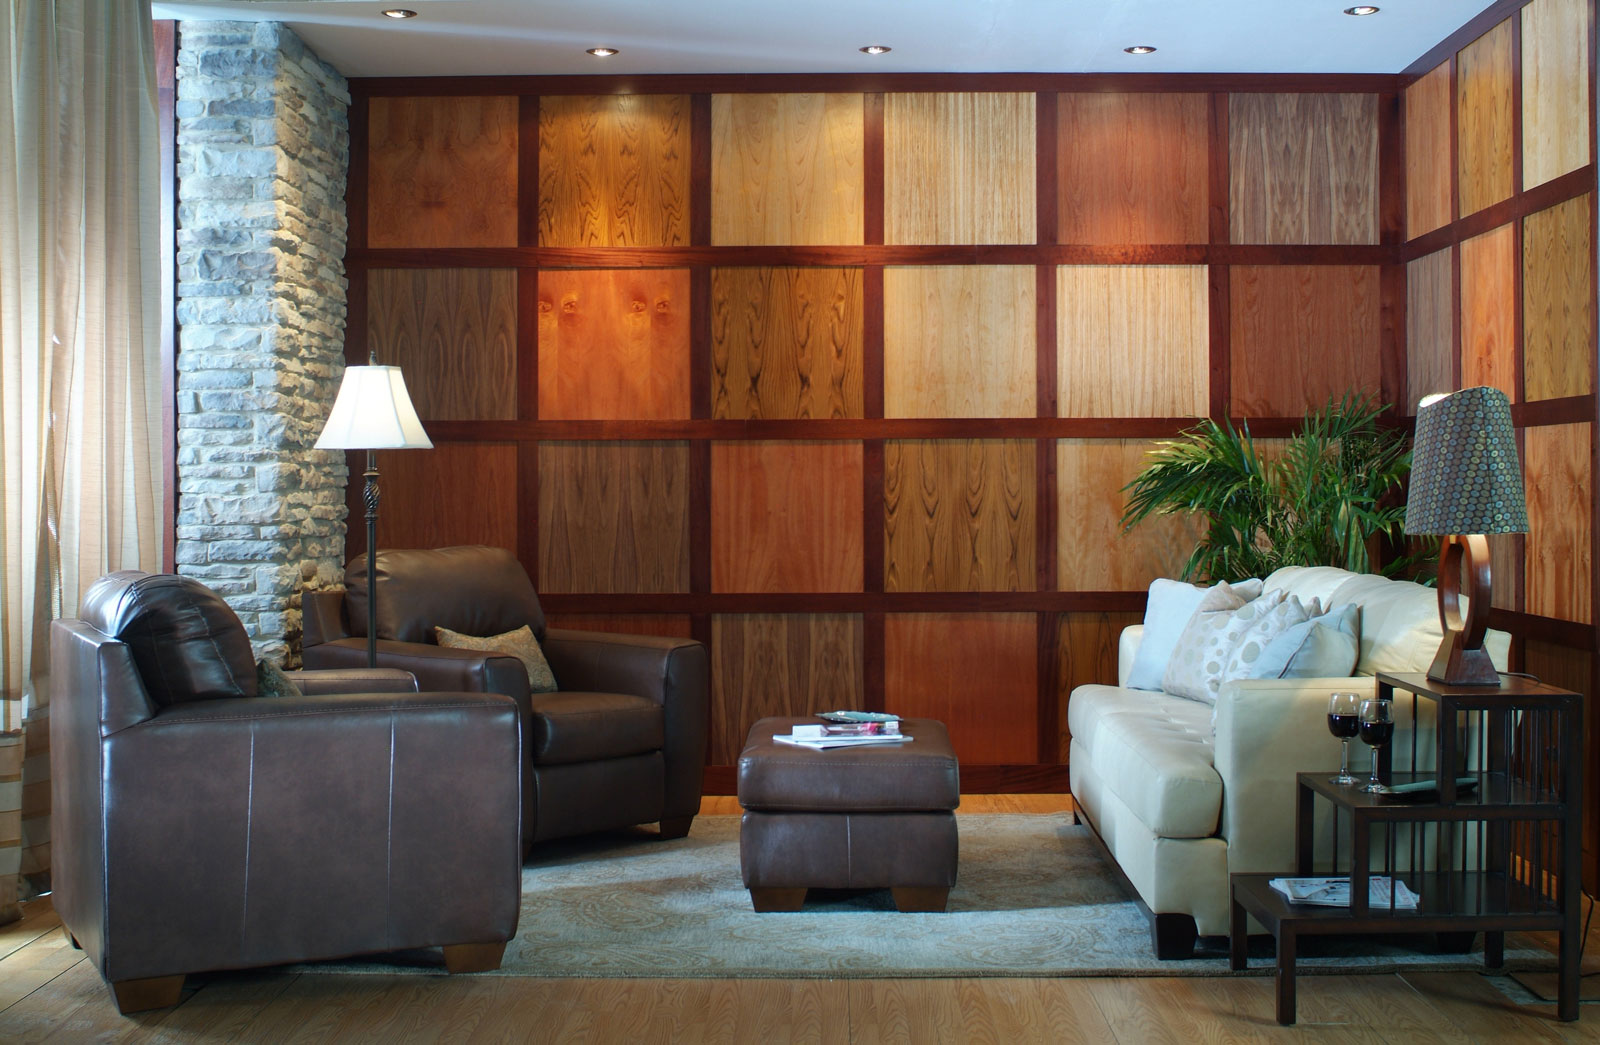 Modern-Wood-Paneling